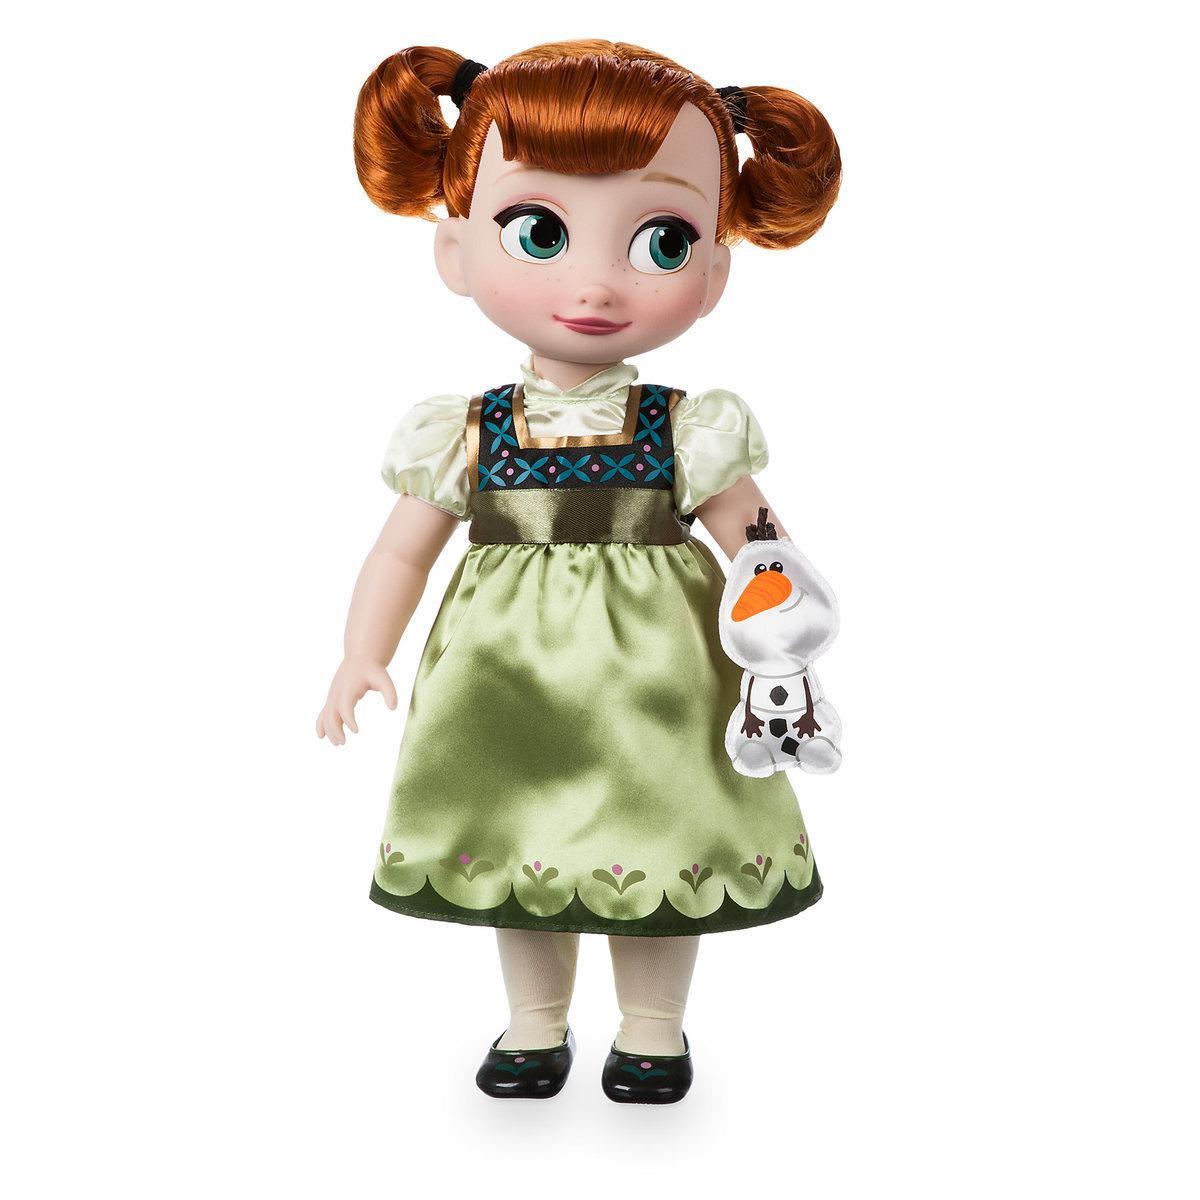 Disney Animators Дисней Аниматор Кукла принцесса малышка Анна